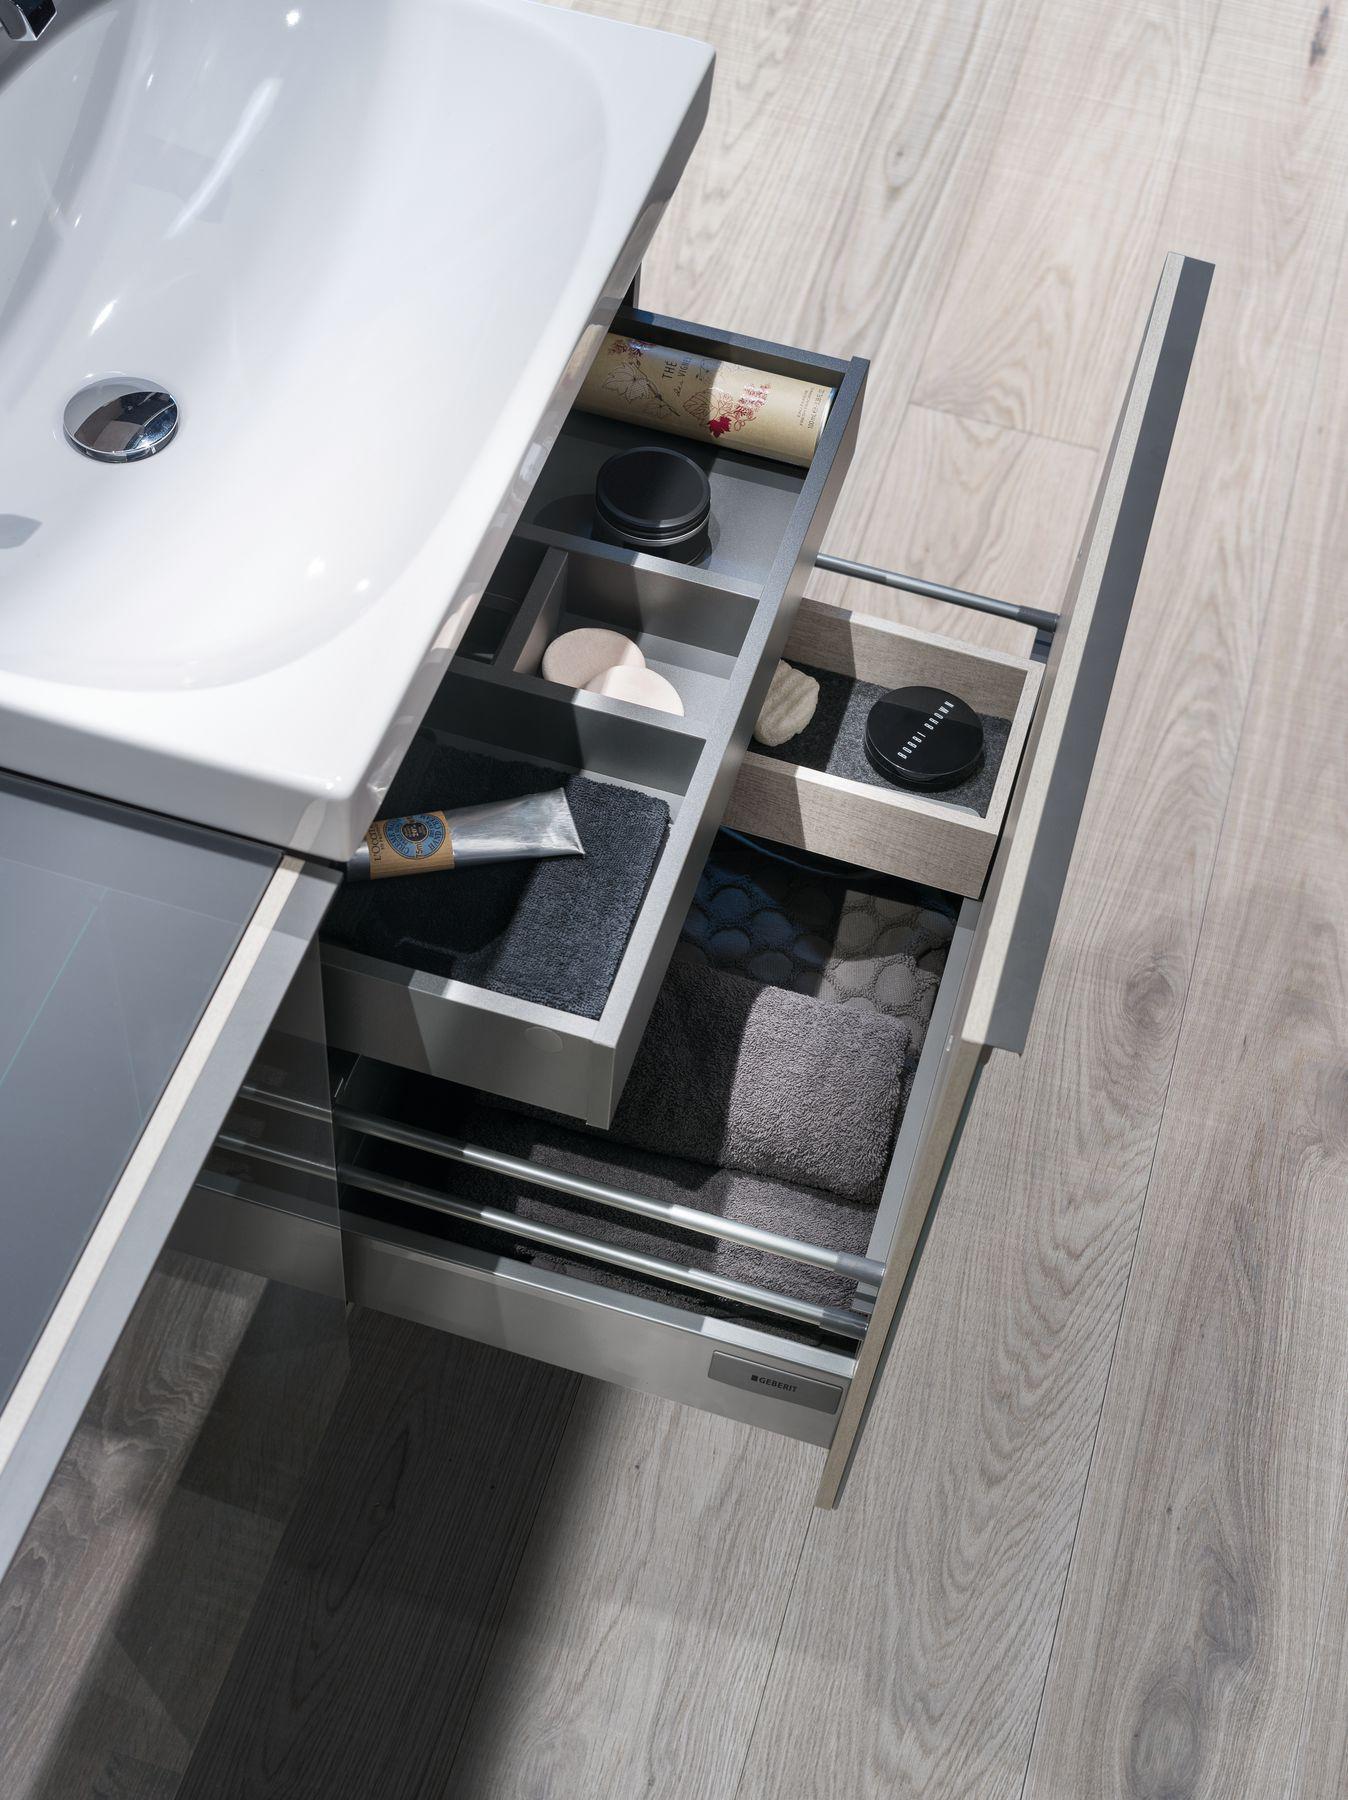 Sous meuble de lavabo avec tiroir et tiroir intérieur  fermeture